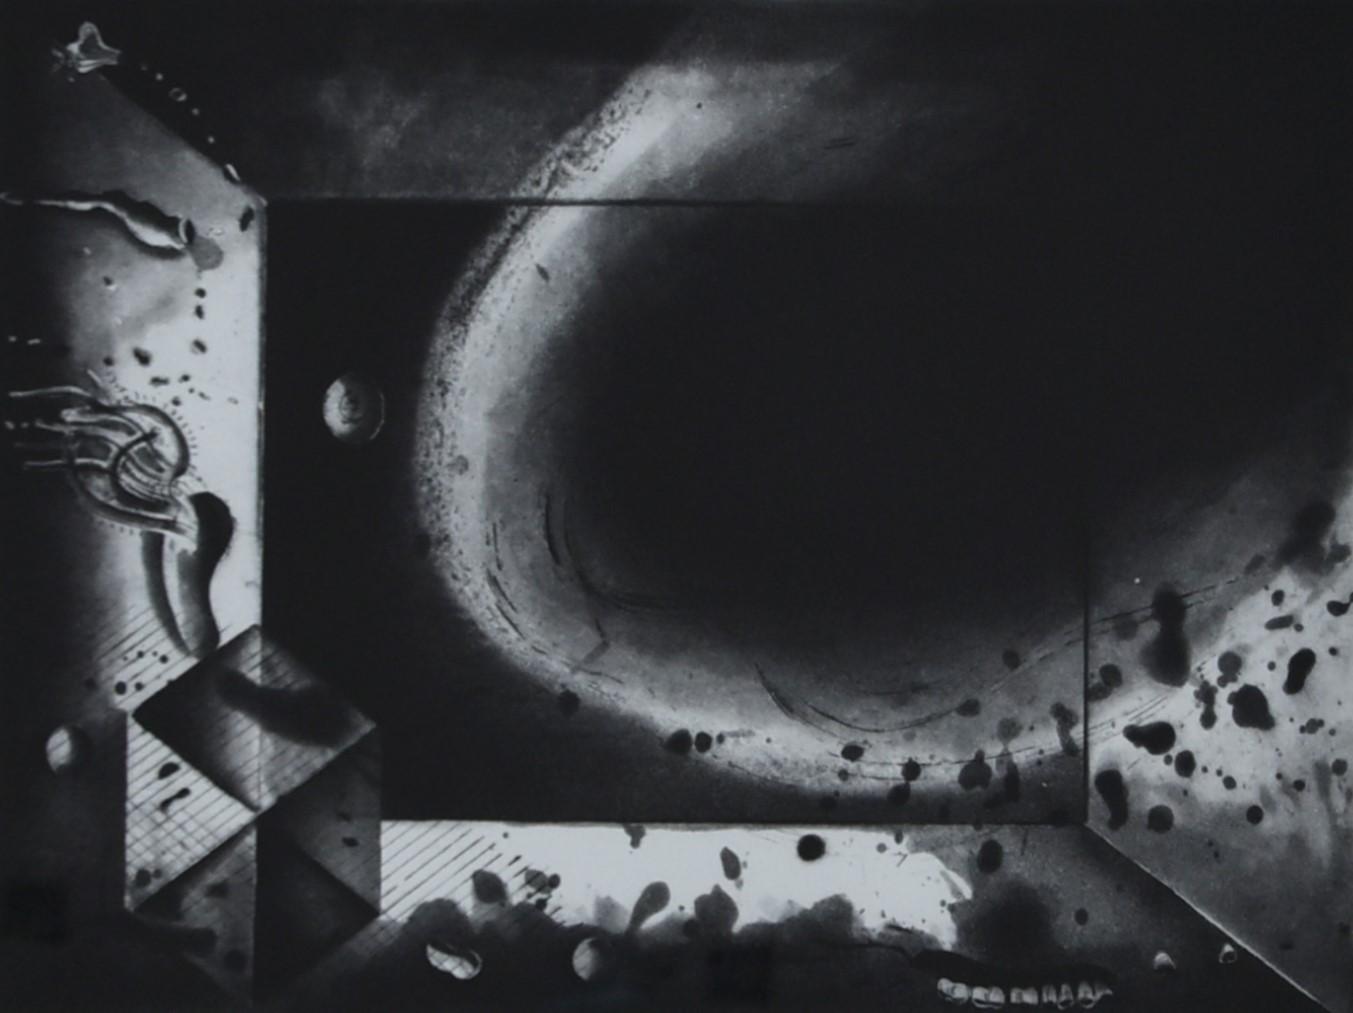 Elementy III, 2010